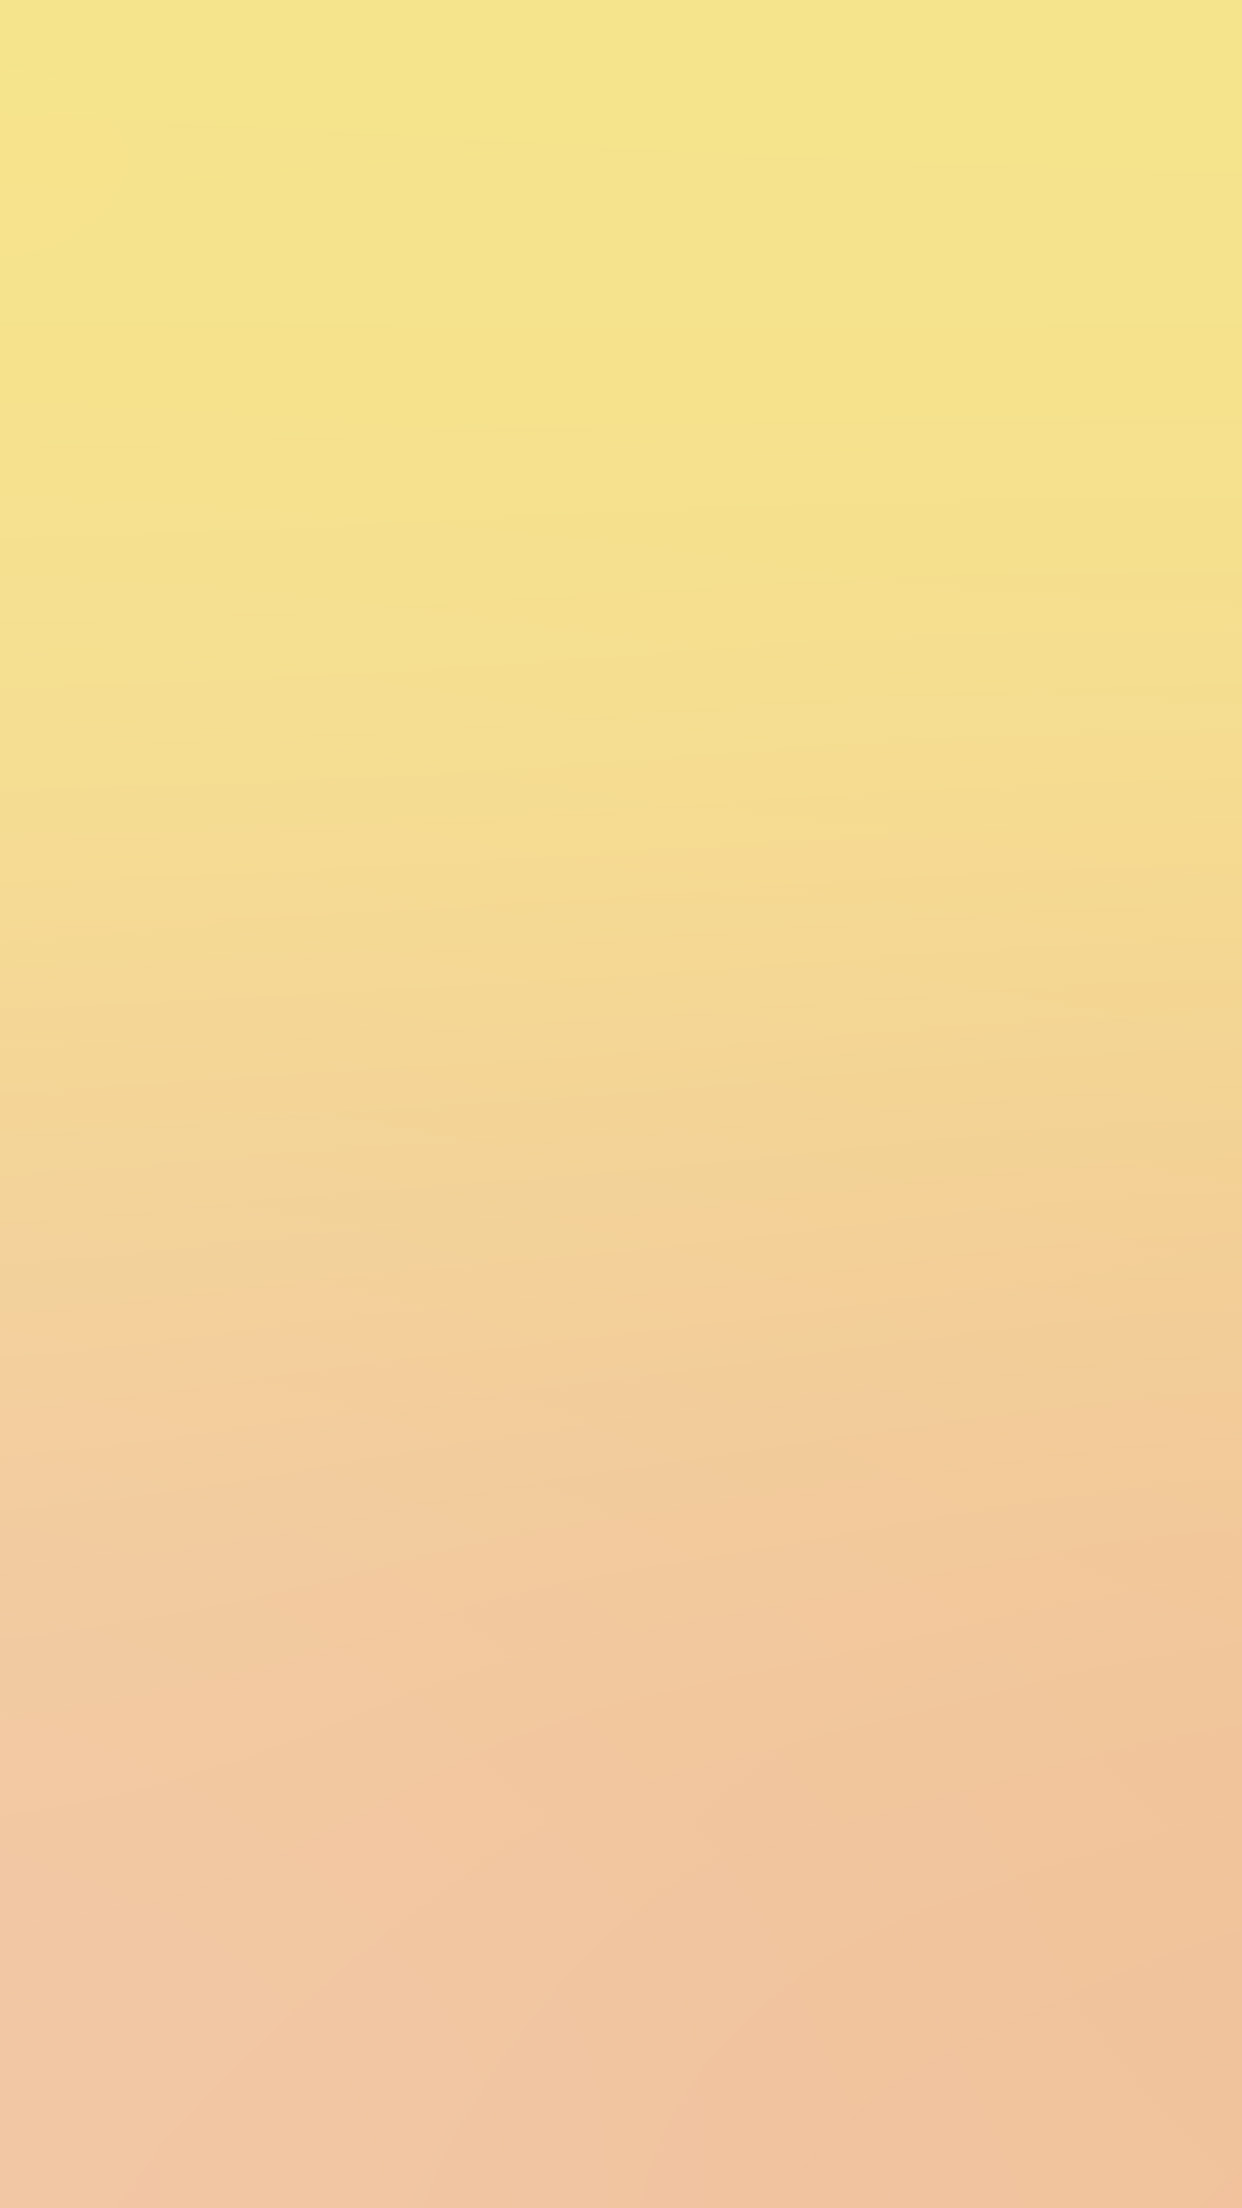 Pastel Yellow Wallpaper Iphone : pastel, yellow, wallpaper, iphone, Flower, Iphone, Pastel, Yellow, Wallpaper